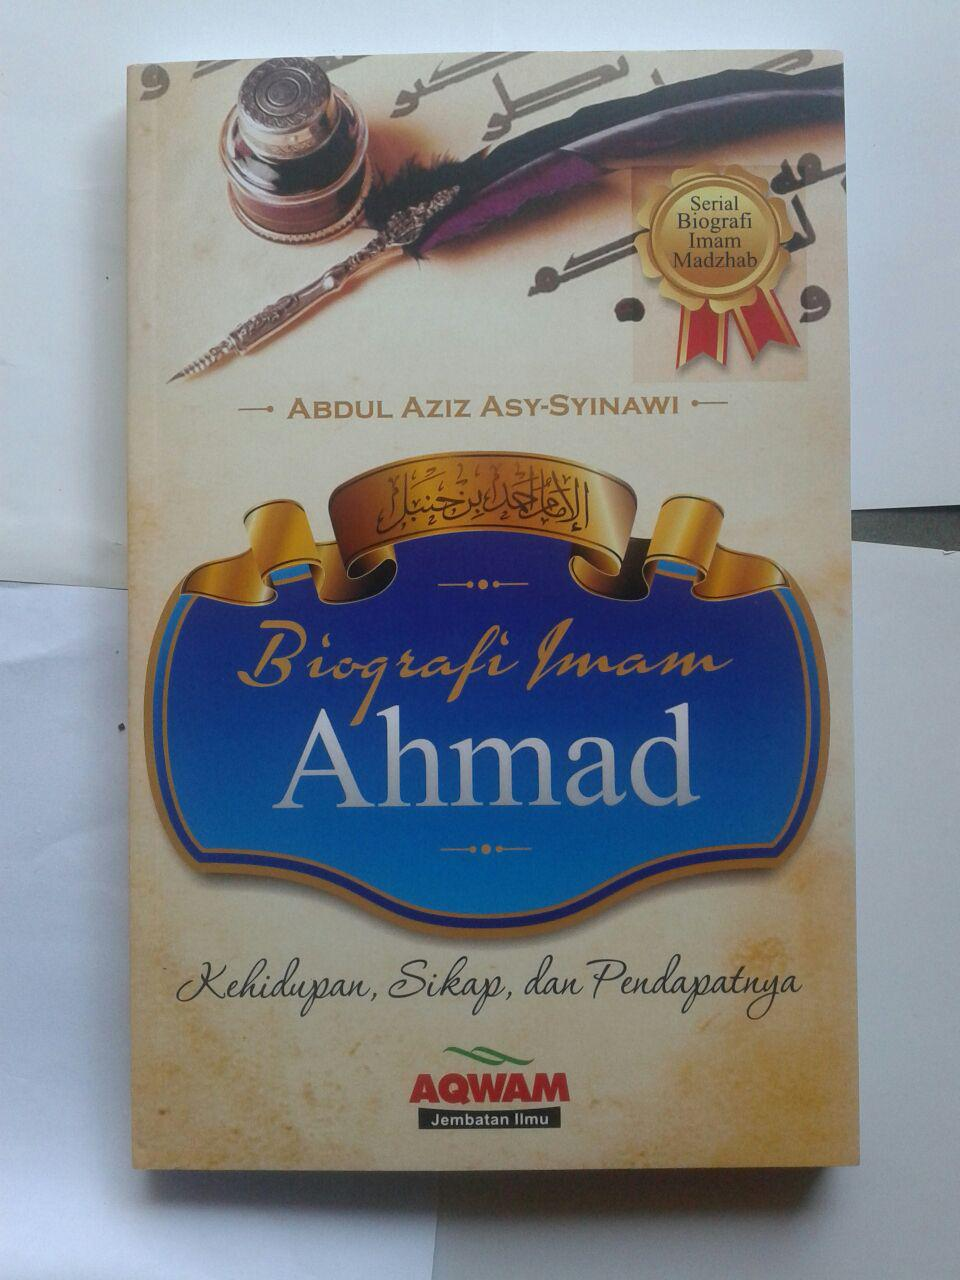 Buku Biografi Imam Ahmad Kehidupan Sikap Dan Pendapatnya cover